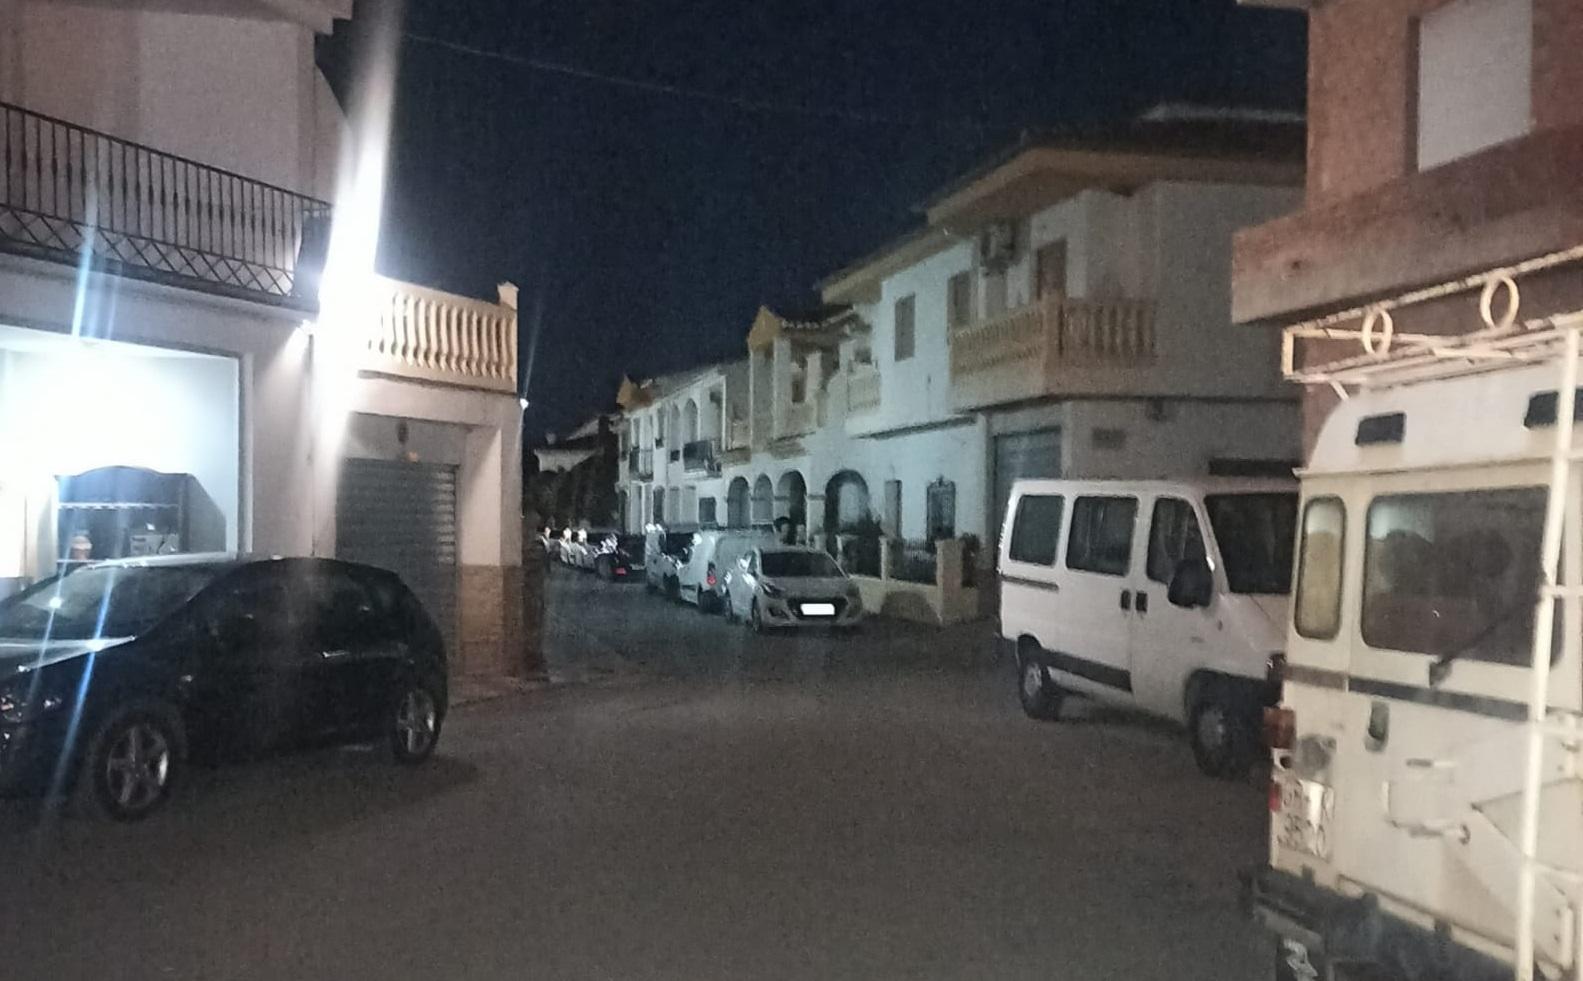 Calle Campohermoso, donde ha ocurrido el suceso / Delia Molina